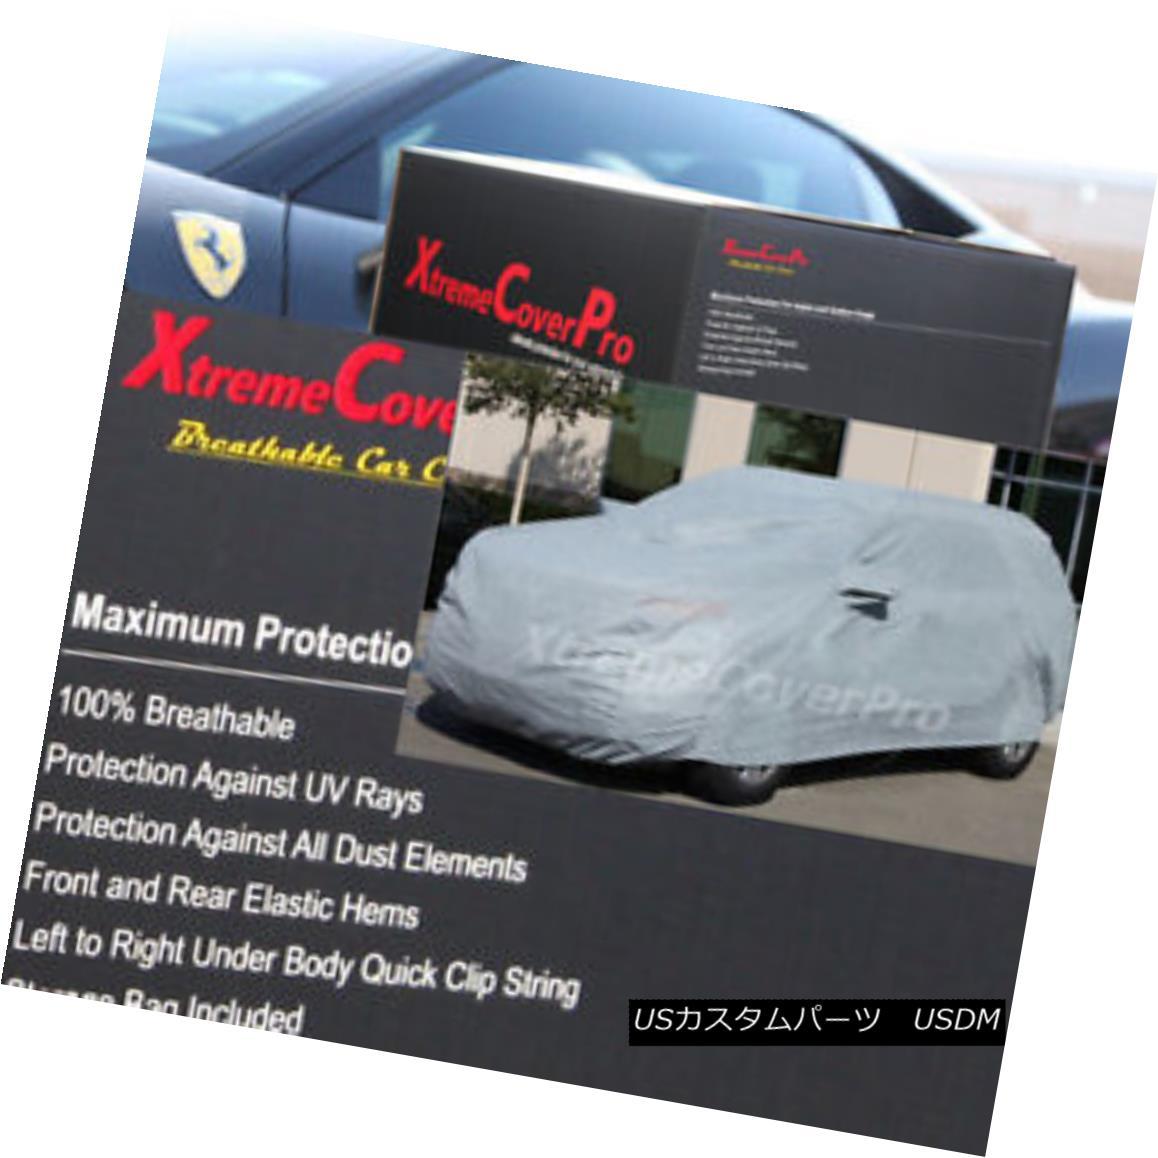 カーカバー 2010 2011 2012 Hyundai Tucson Breathable Car Cover w/MirrorPocket MirrorPocketを搭載した2010年の2011 Hyundai Tucson通気性車カバー